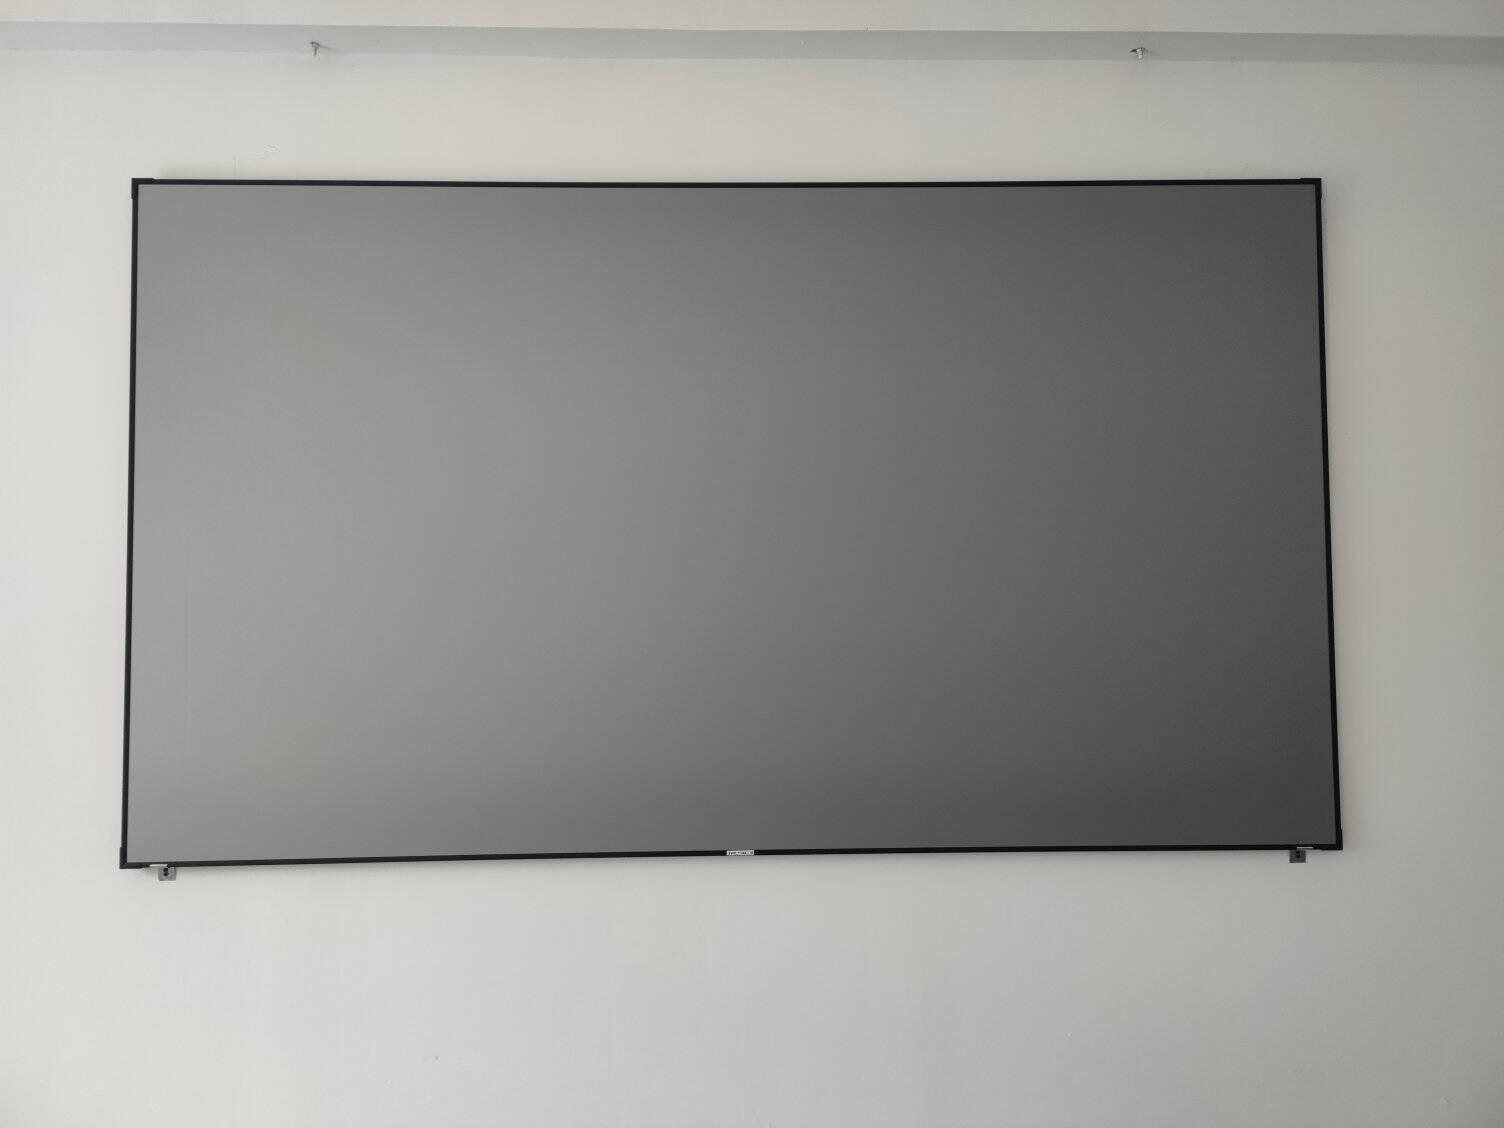 高清画框窄边抗光幕布100英寸120家用办公投影仪当贝F3D4K投影仪金属光学黑钻黑晶激光电视璧挂幕影院级白色软幕80英寸(包安装)